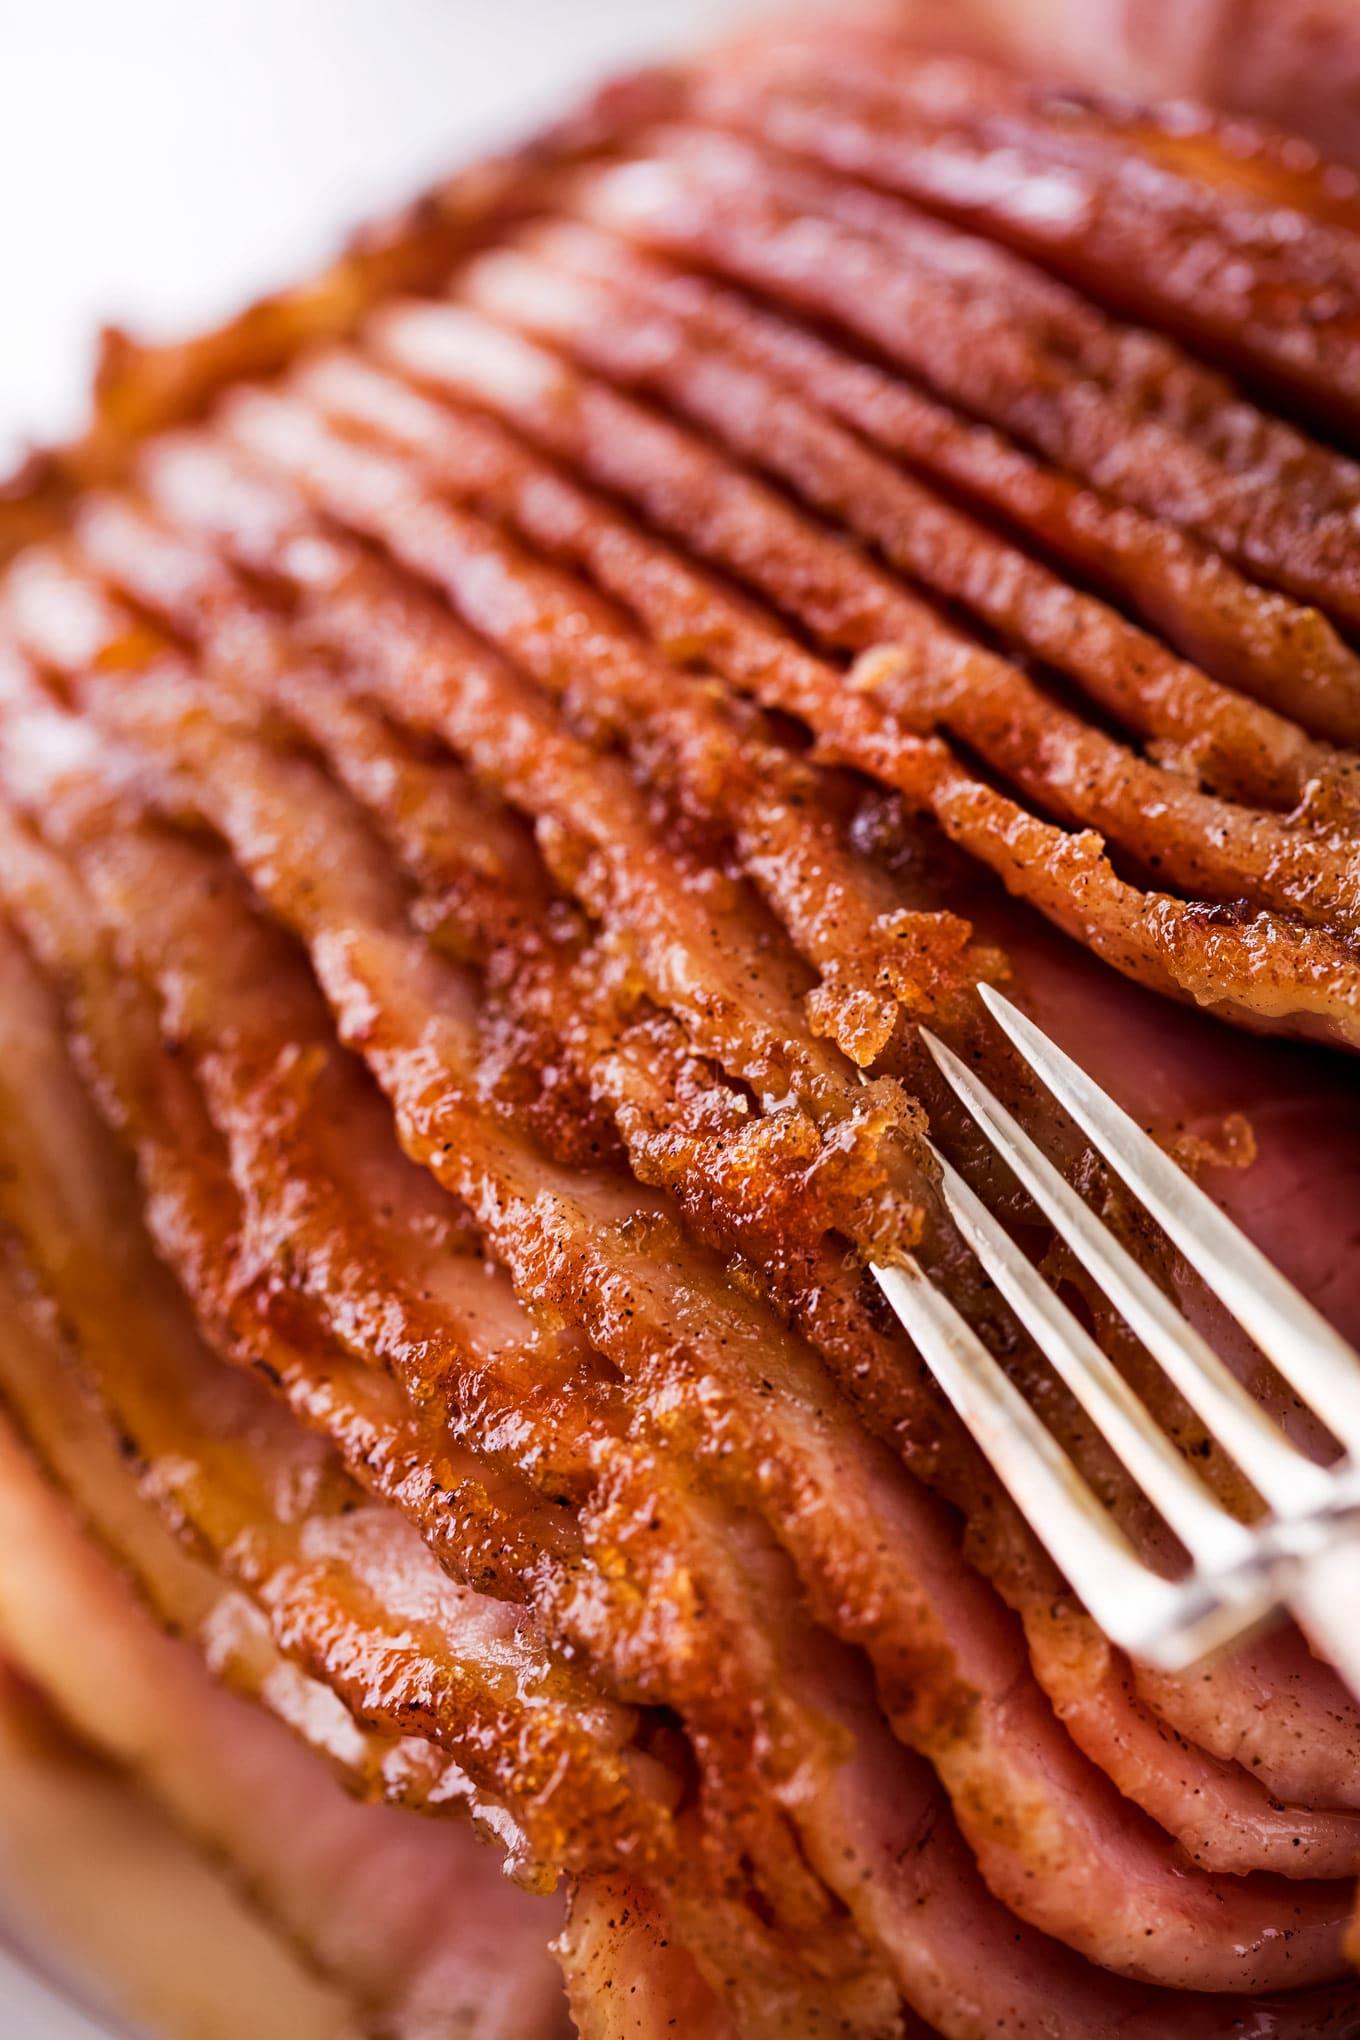 Copycat Honey Baked Ham Recipe Holiday Recipe The Chunky Chef,Creamy Pesto Sauce Recipe